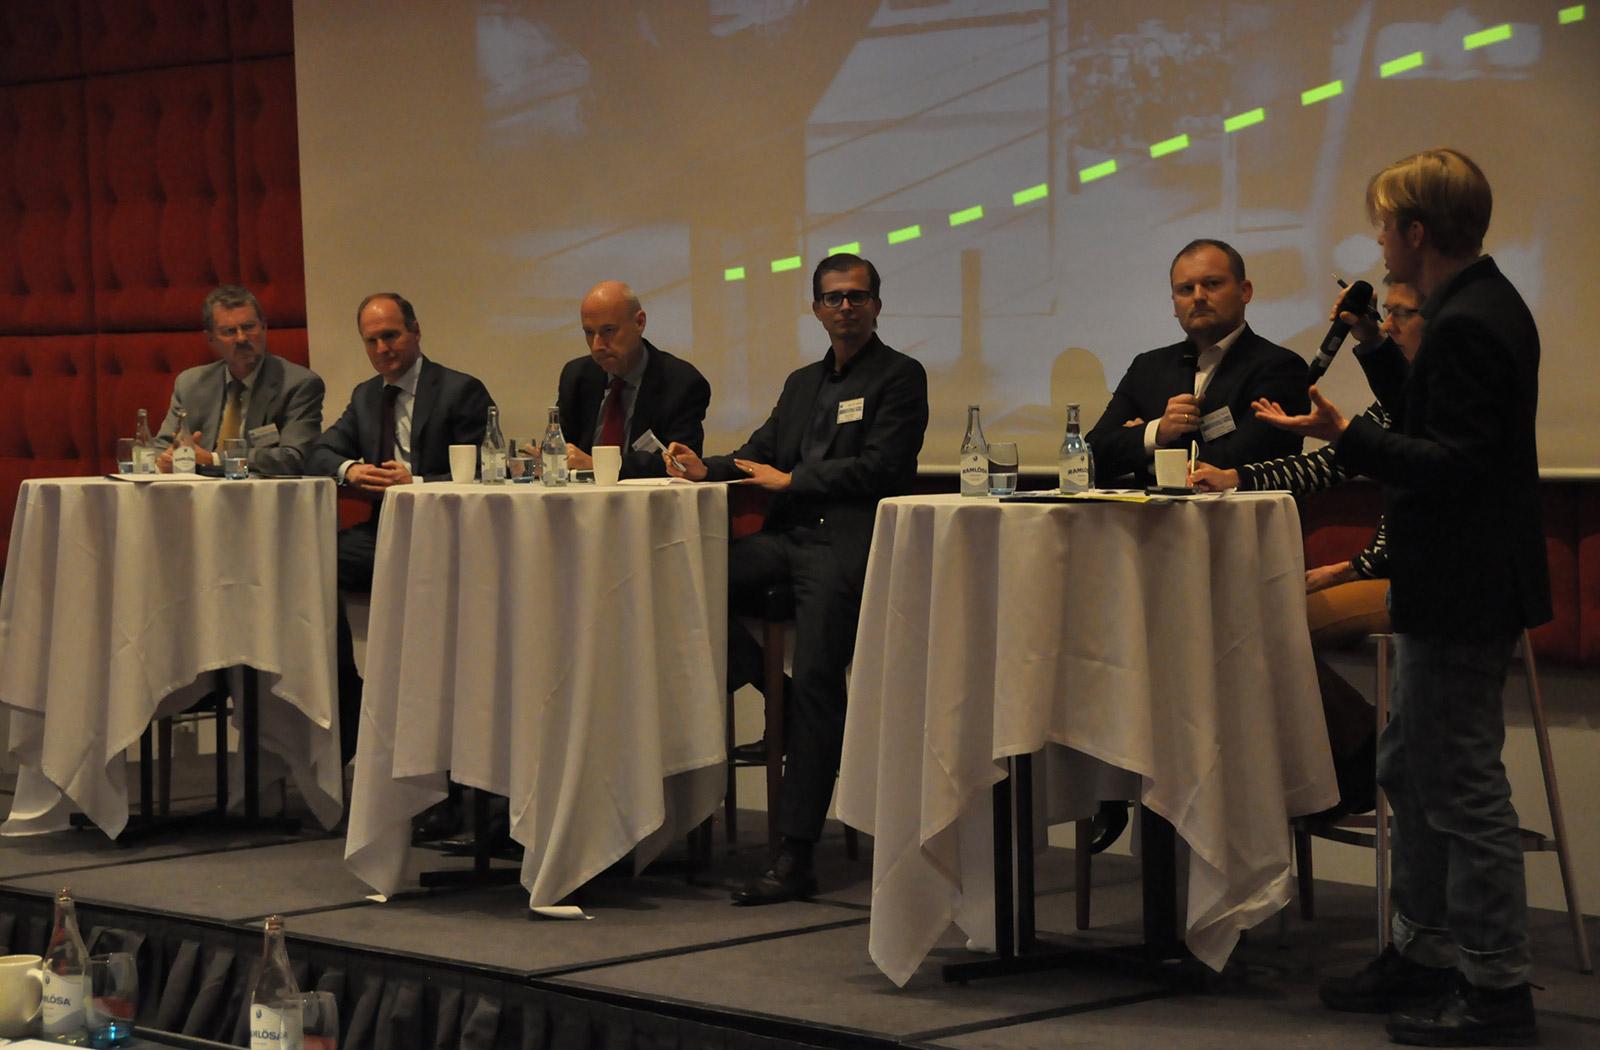 Infrastrukturkonference – Veje til Vækst